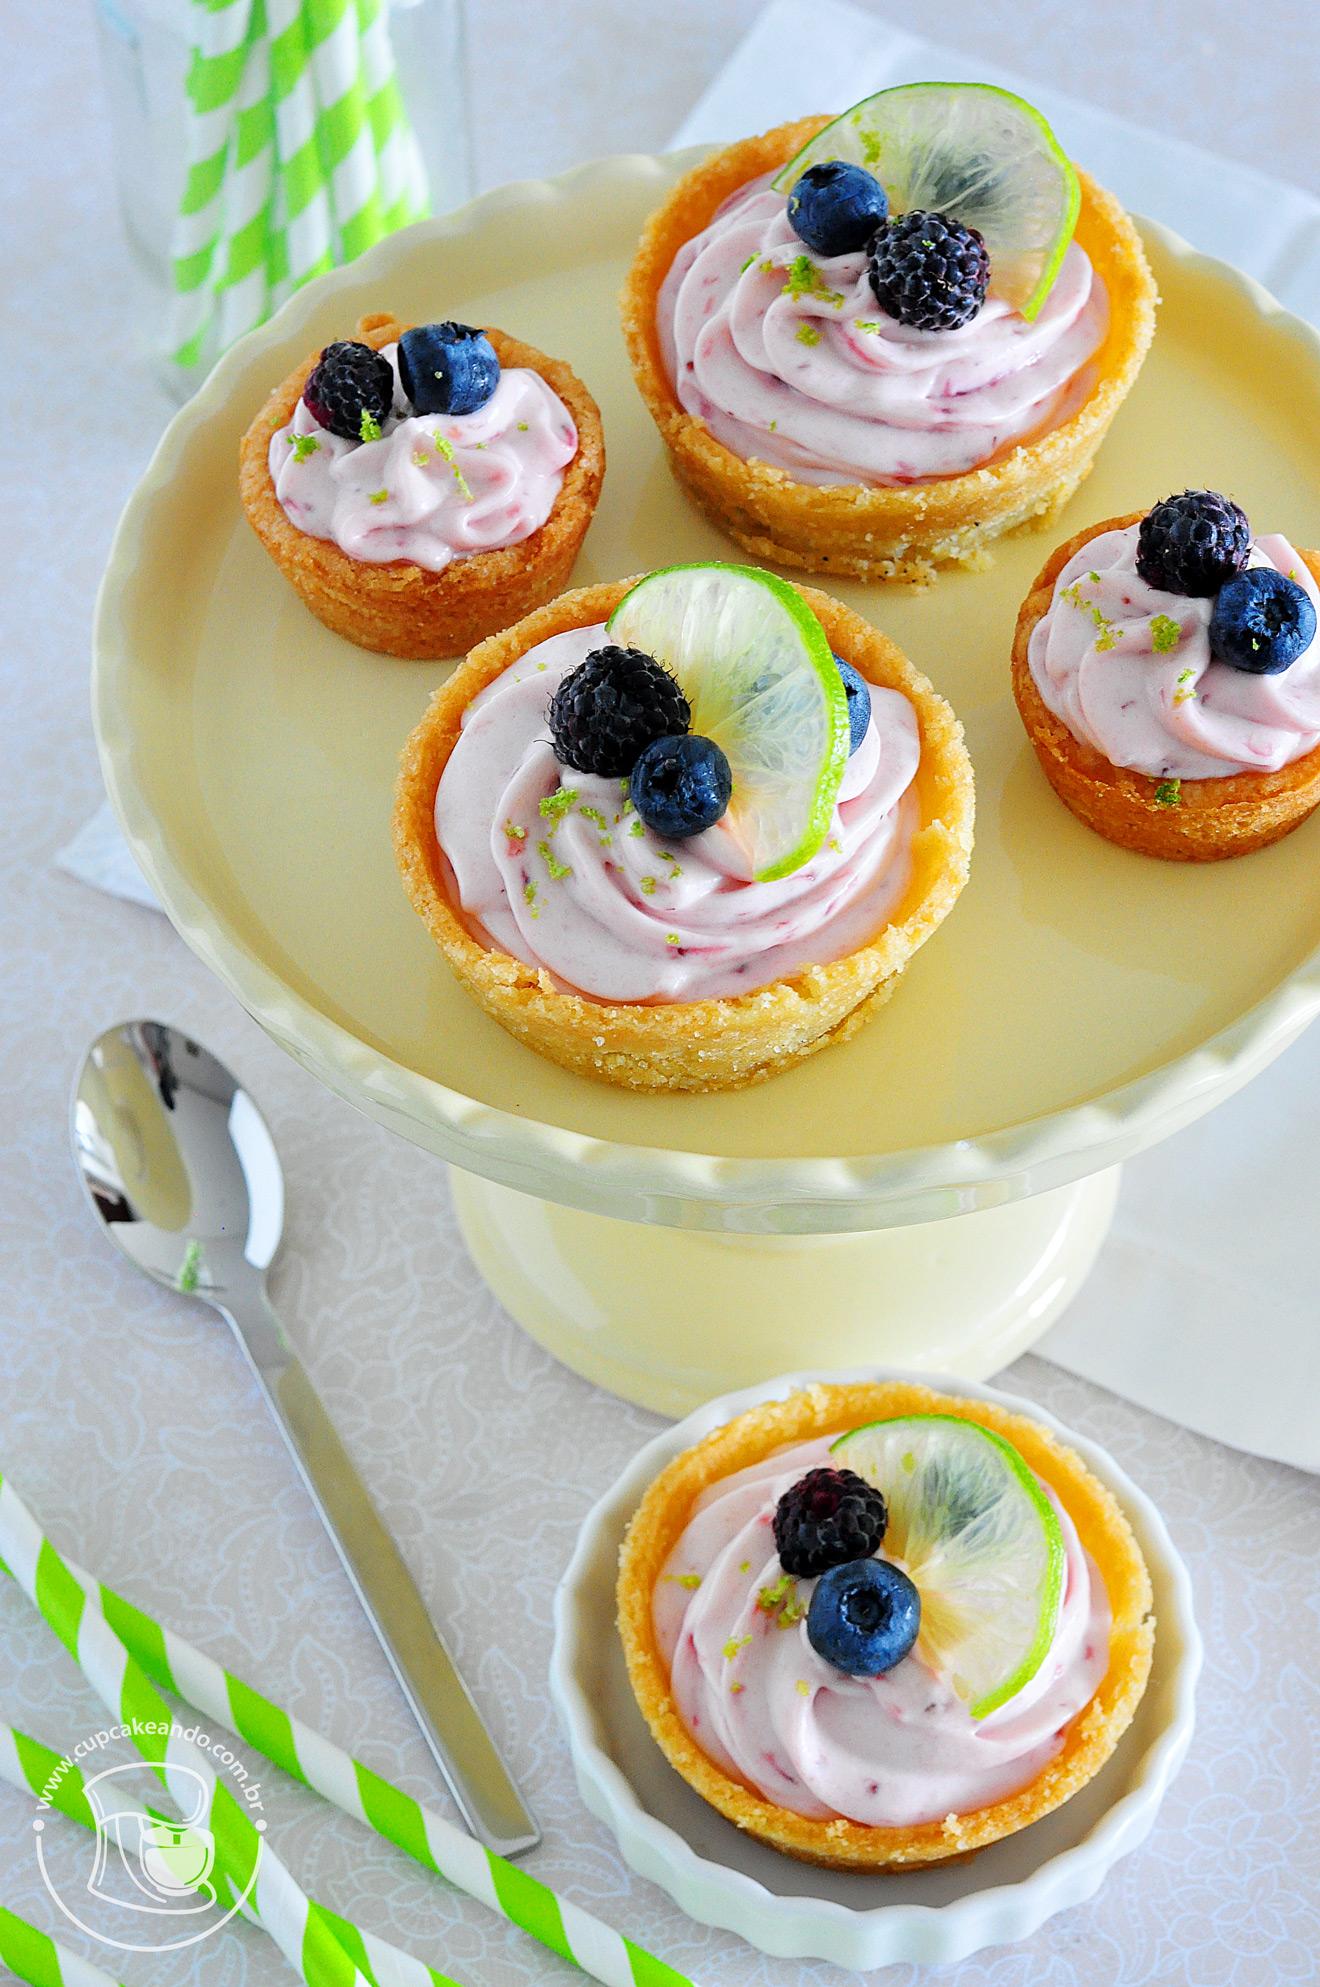 Cookiecup de cheesecake de morango